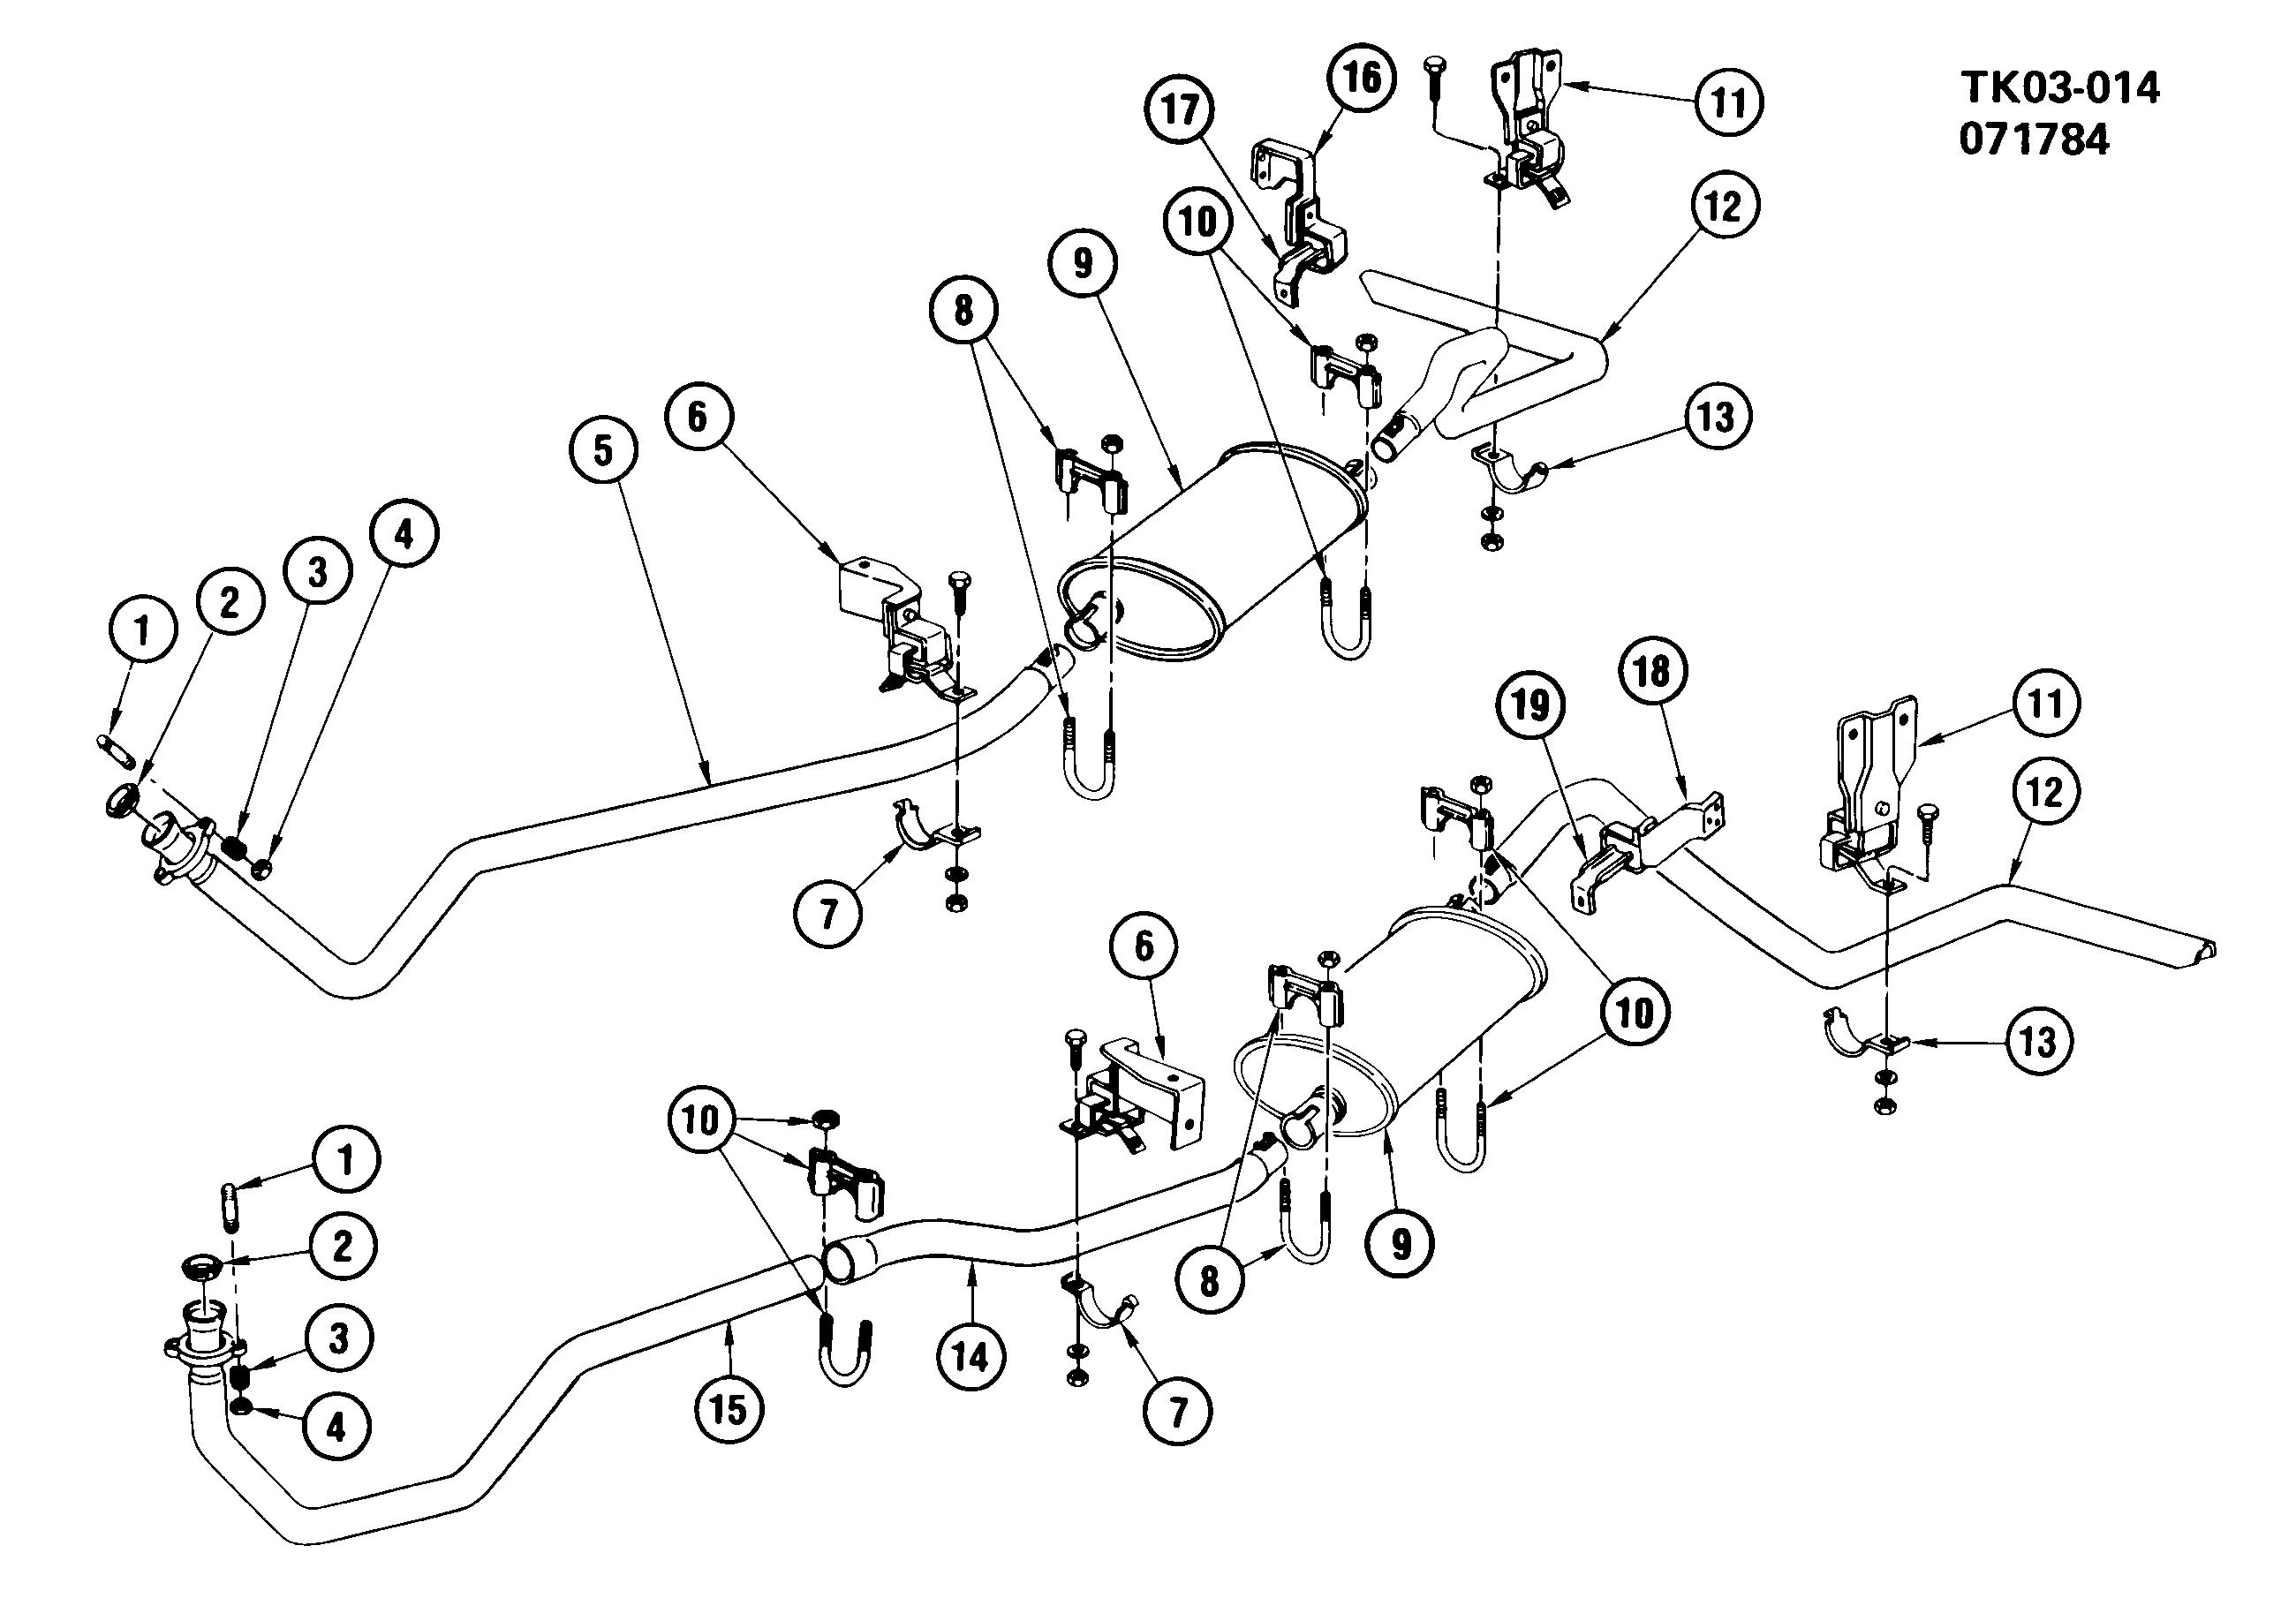 62 Diesel Fuel System Diagram